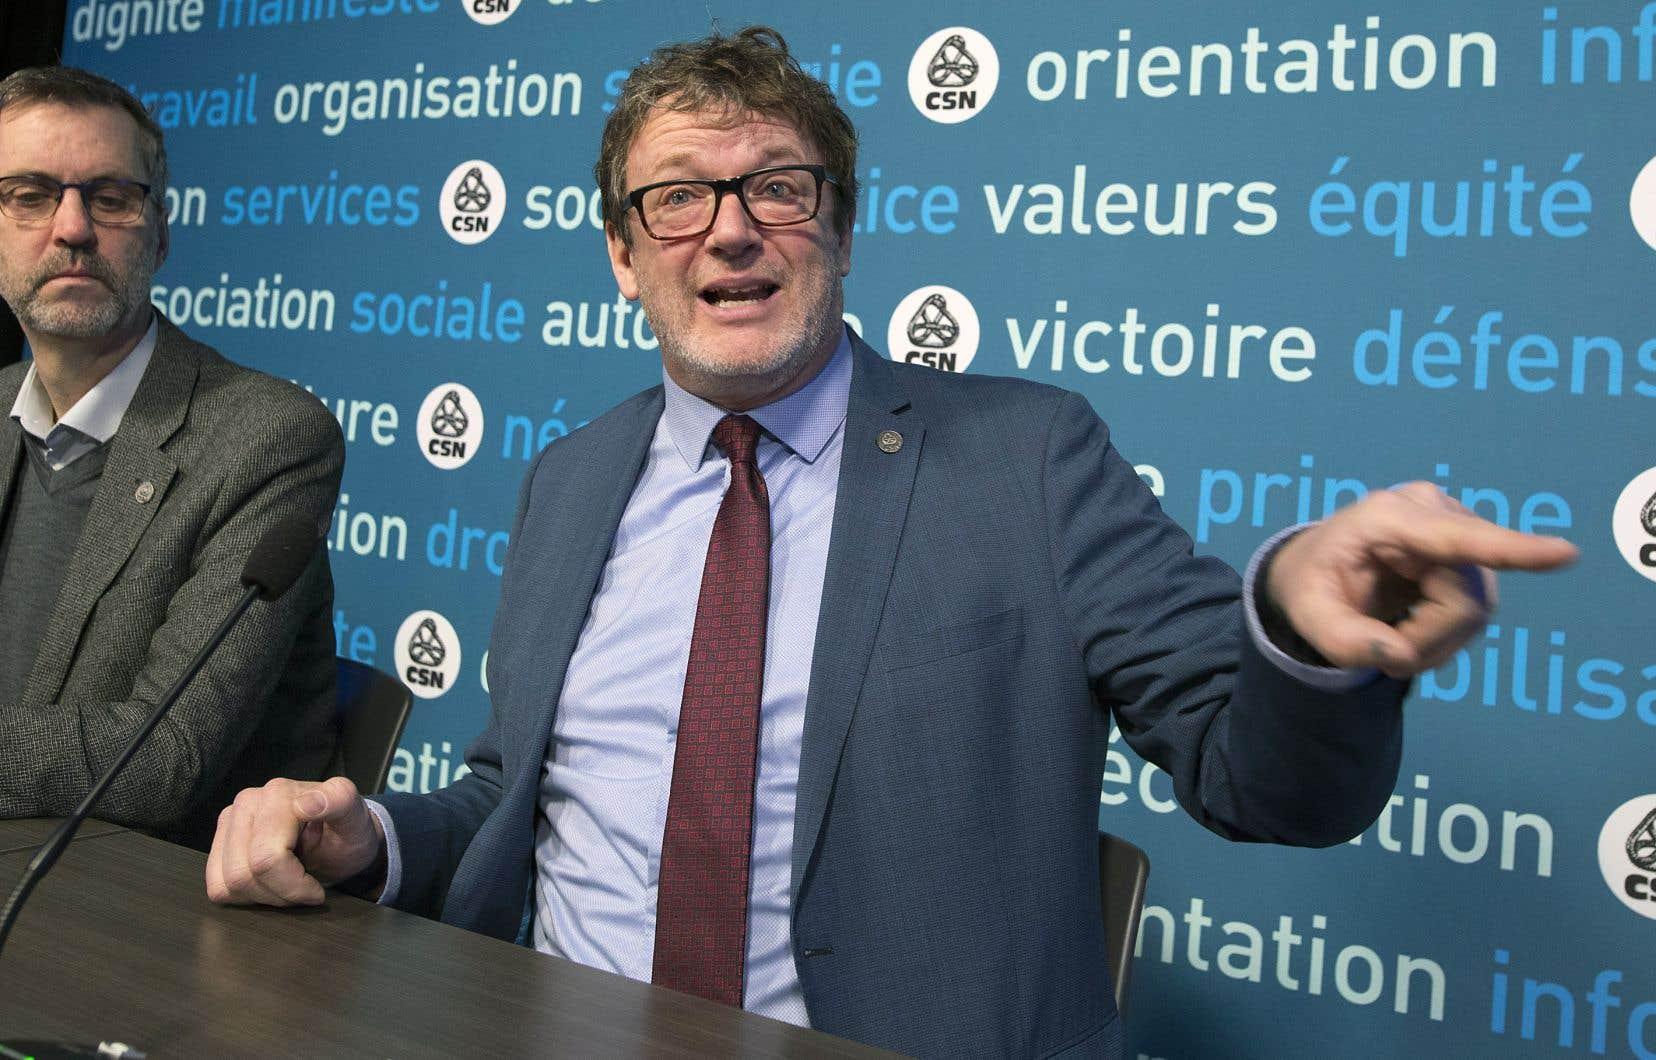 La CSN a énoncé ses priorités de l'année 2019 lors d'une conférence de presse à Montréal, vendredi. Son président, Jacques Létourneau, a prévenu qu'elle suivrait de près le nouveau gouvernement de la CAQ, qu'elle dénonce déjà sur certains dossiers.